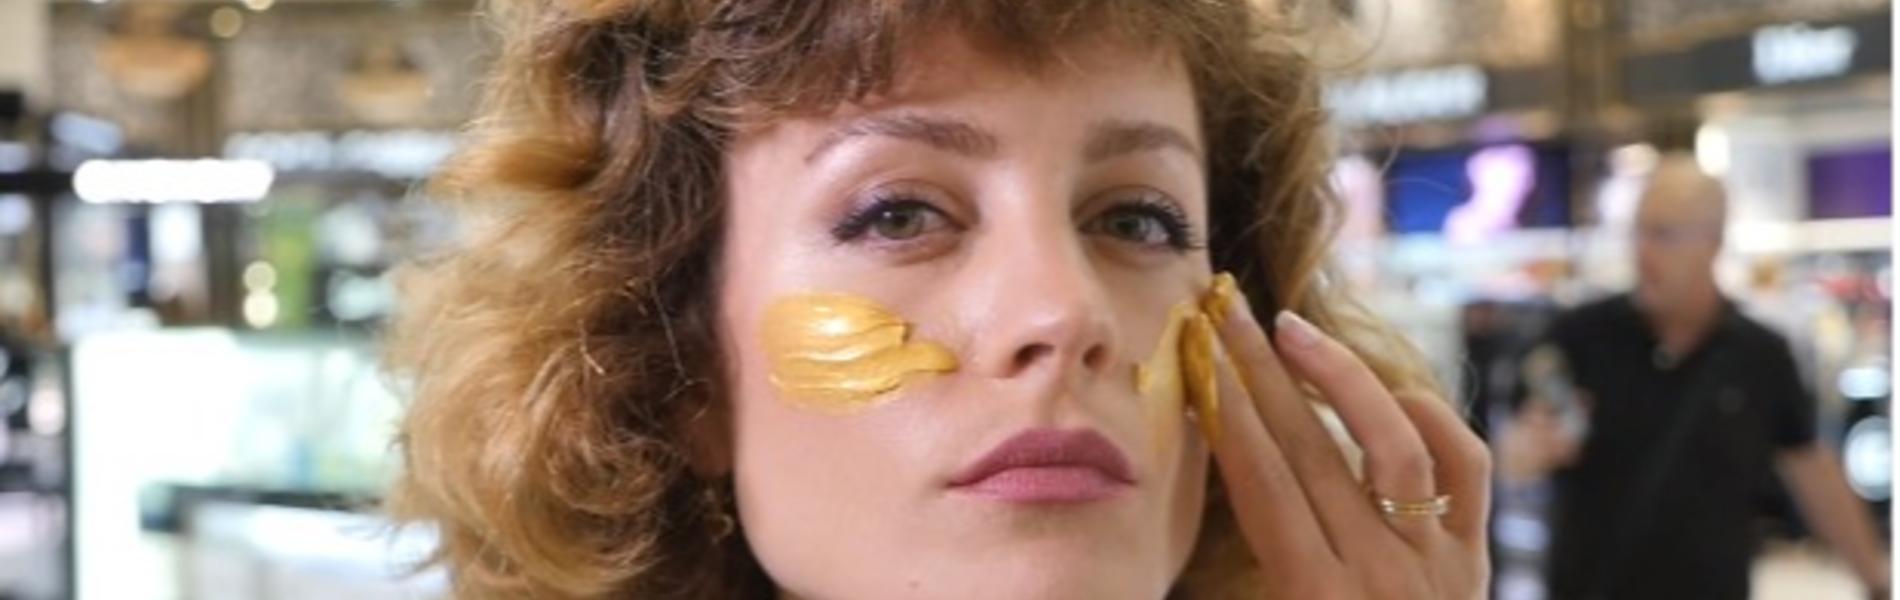 מסיכות פנים: למה אנחנו כל כך אוהבות אותן?